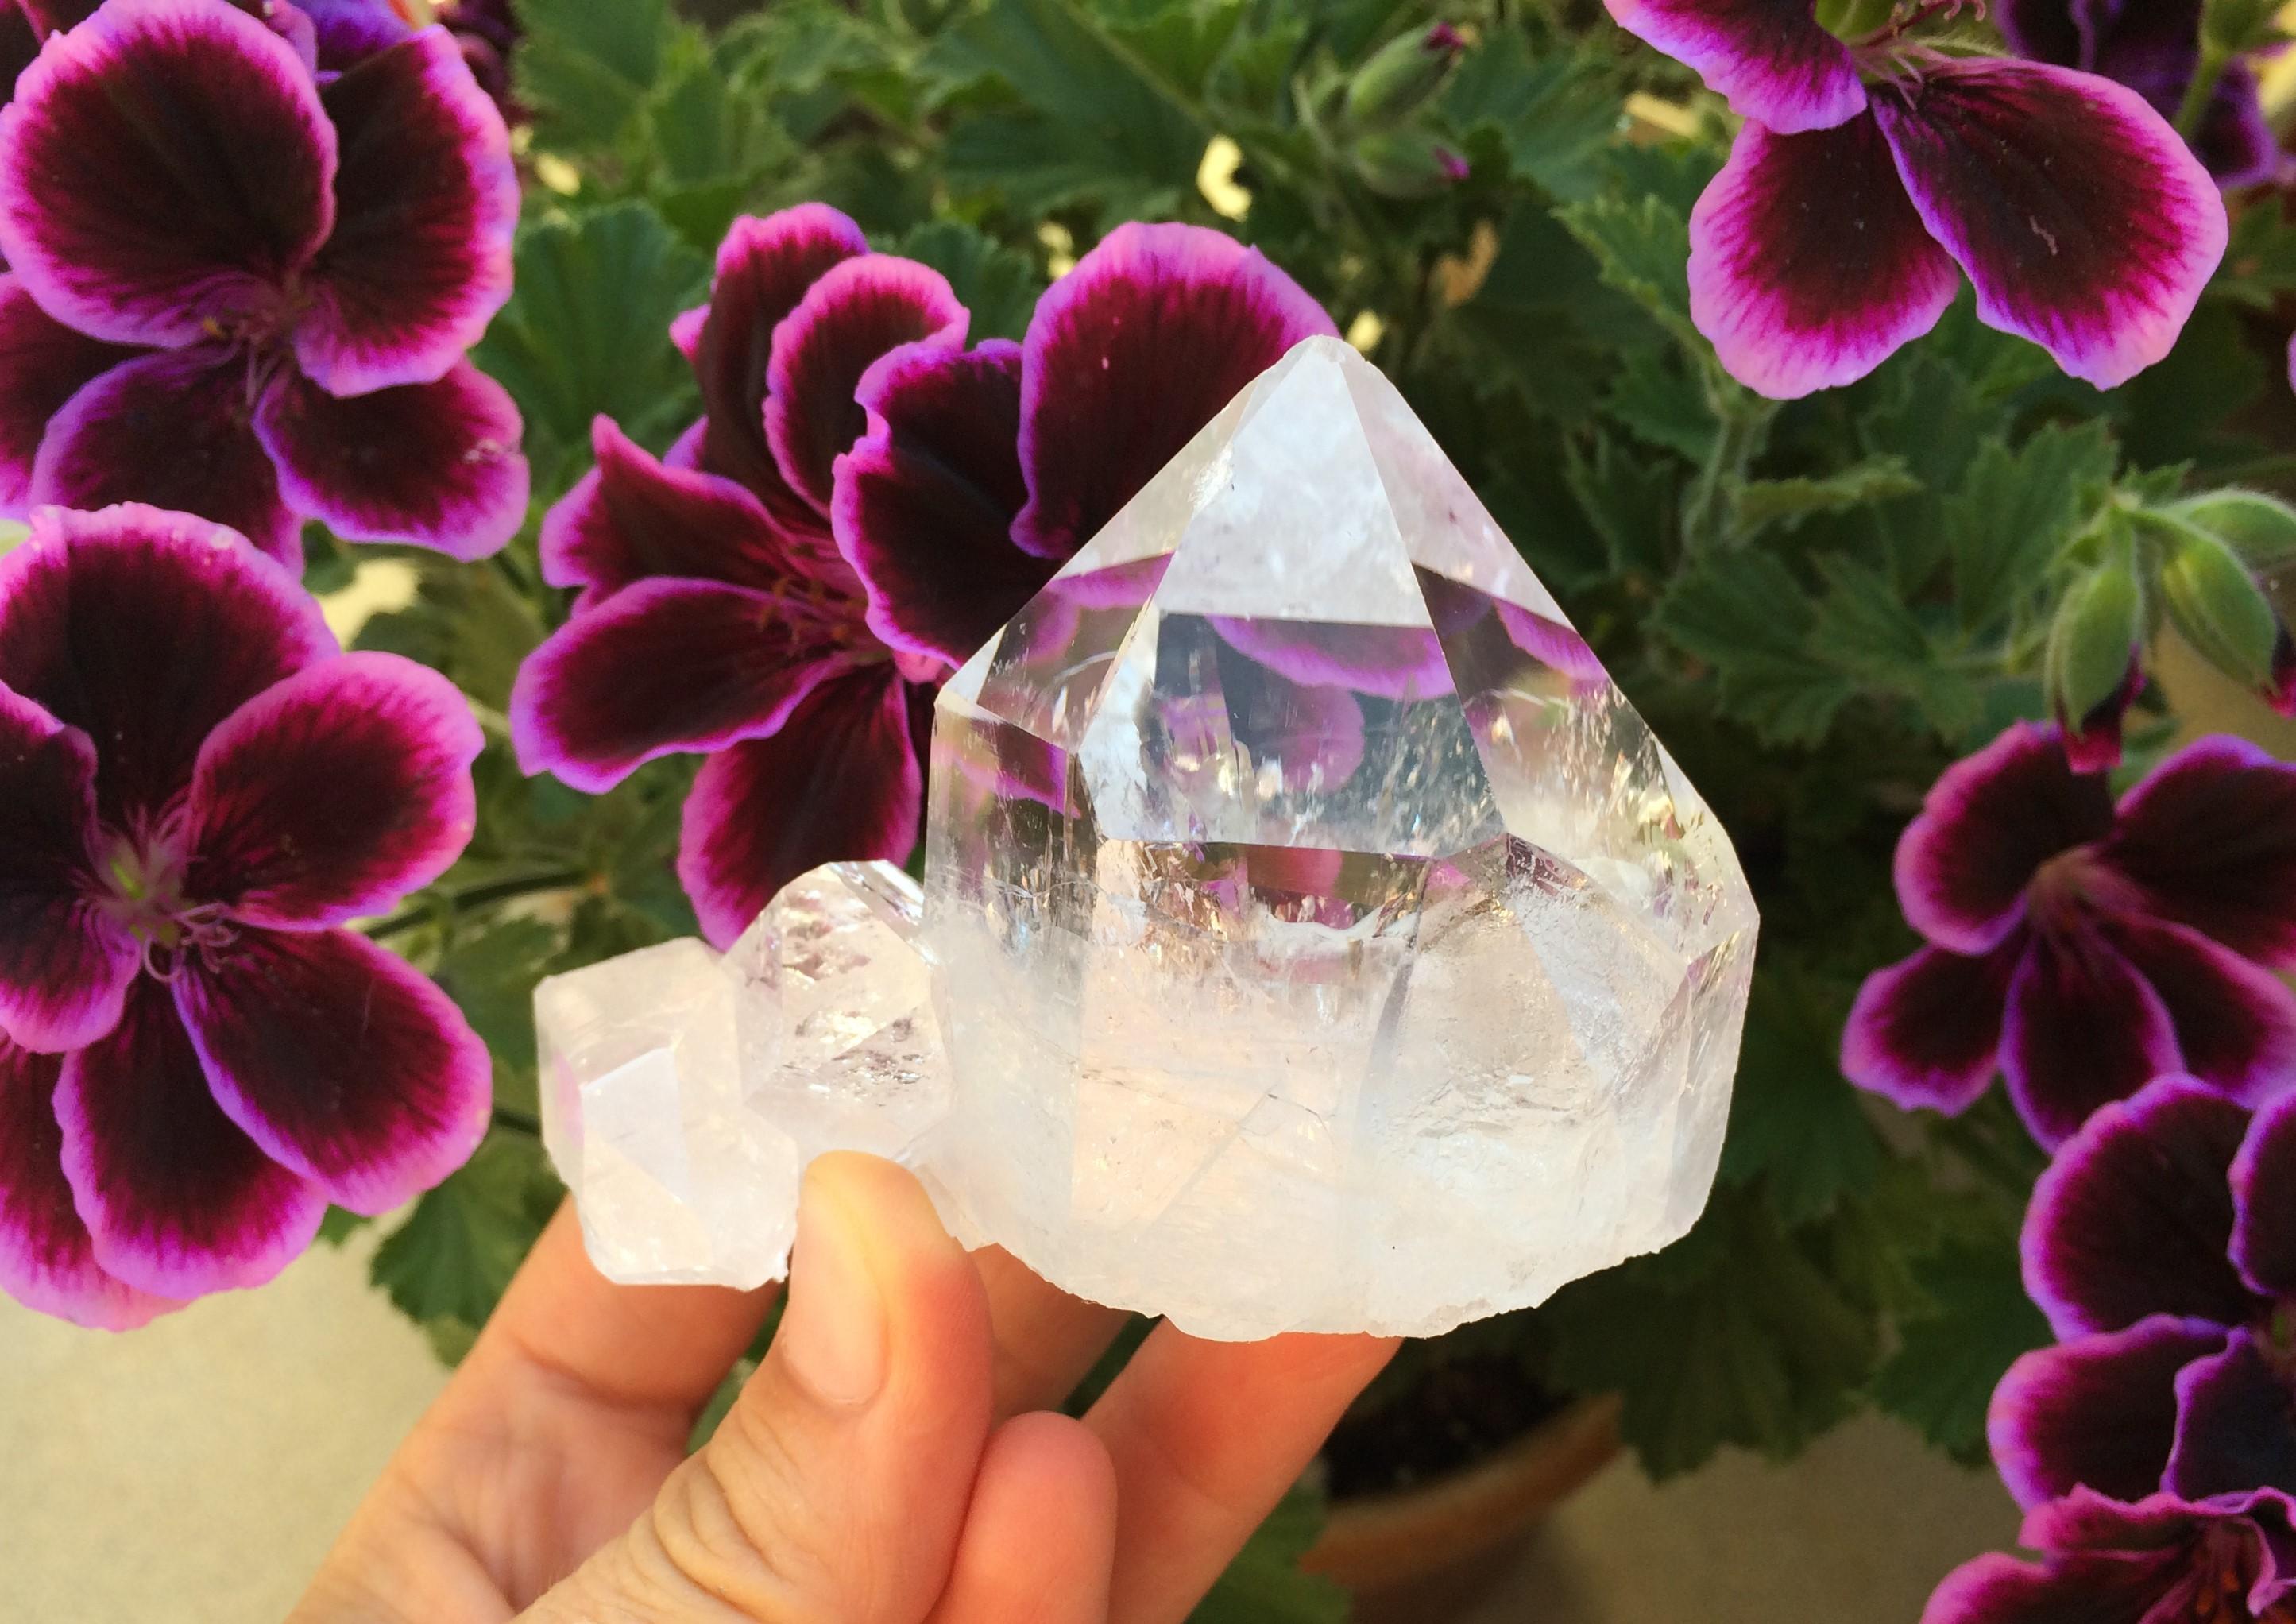 Práce s krystaly - vylaďování